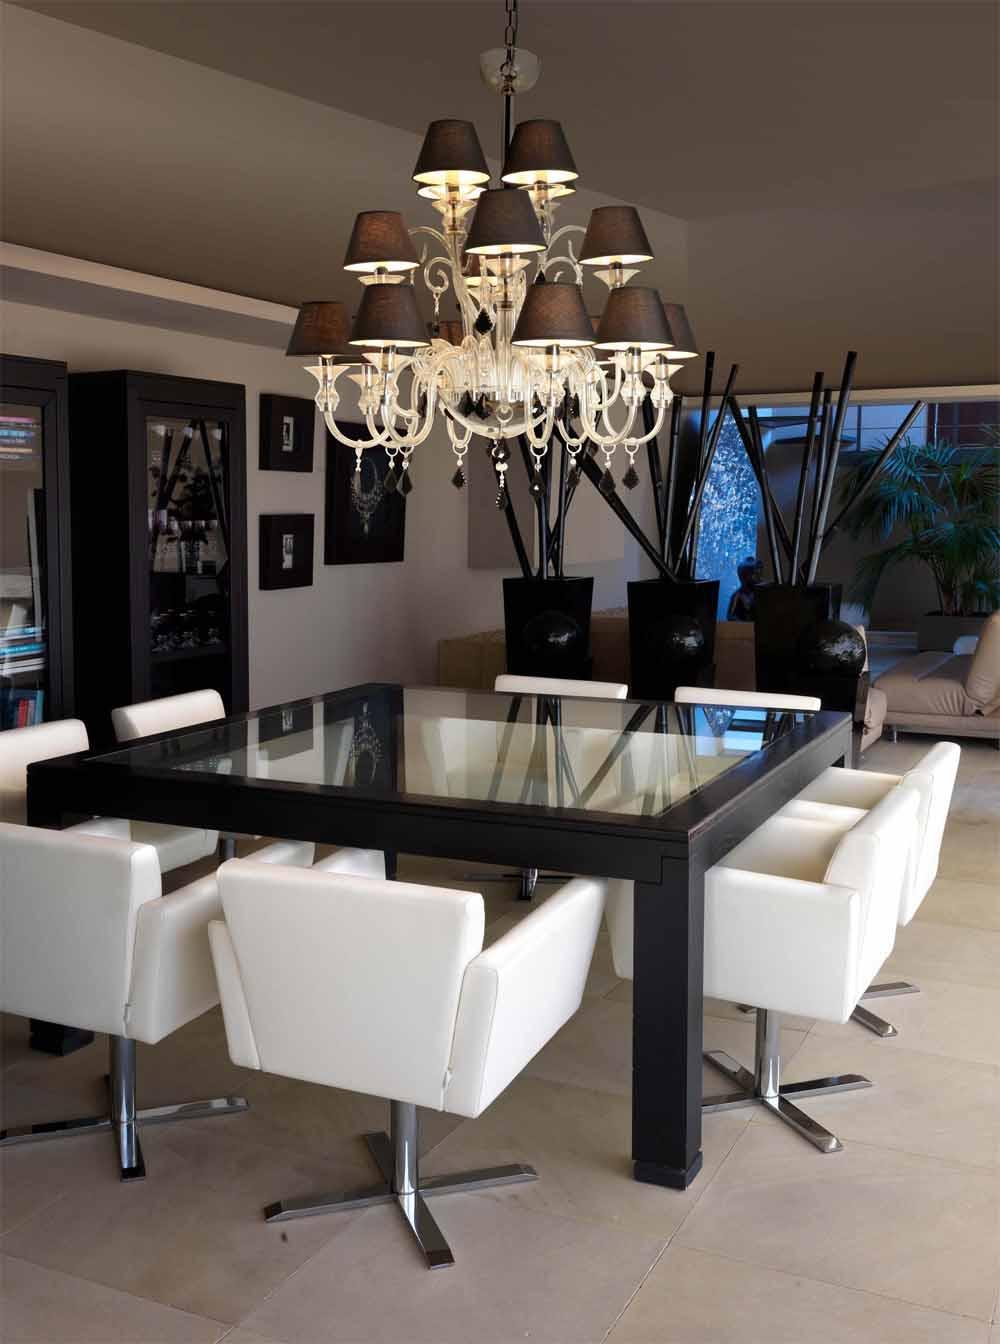 lamparas para bao easylmpara de araa en saln moderno combinacin de estilos lamparas para bao easy